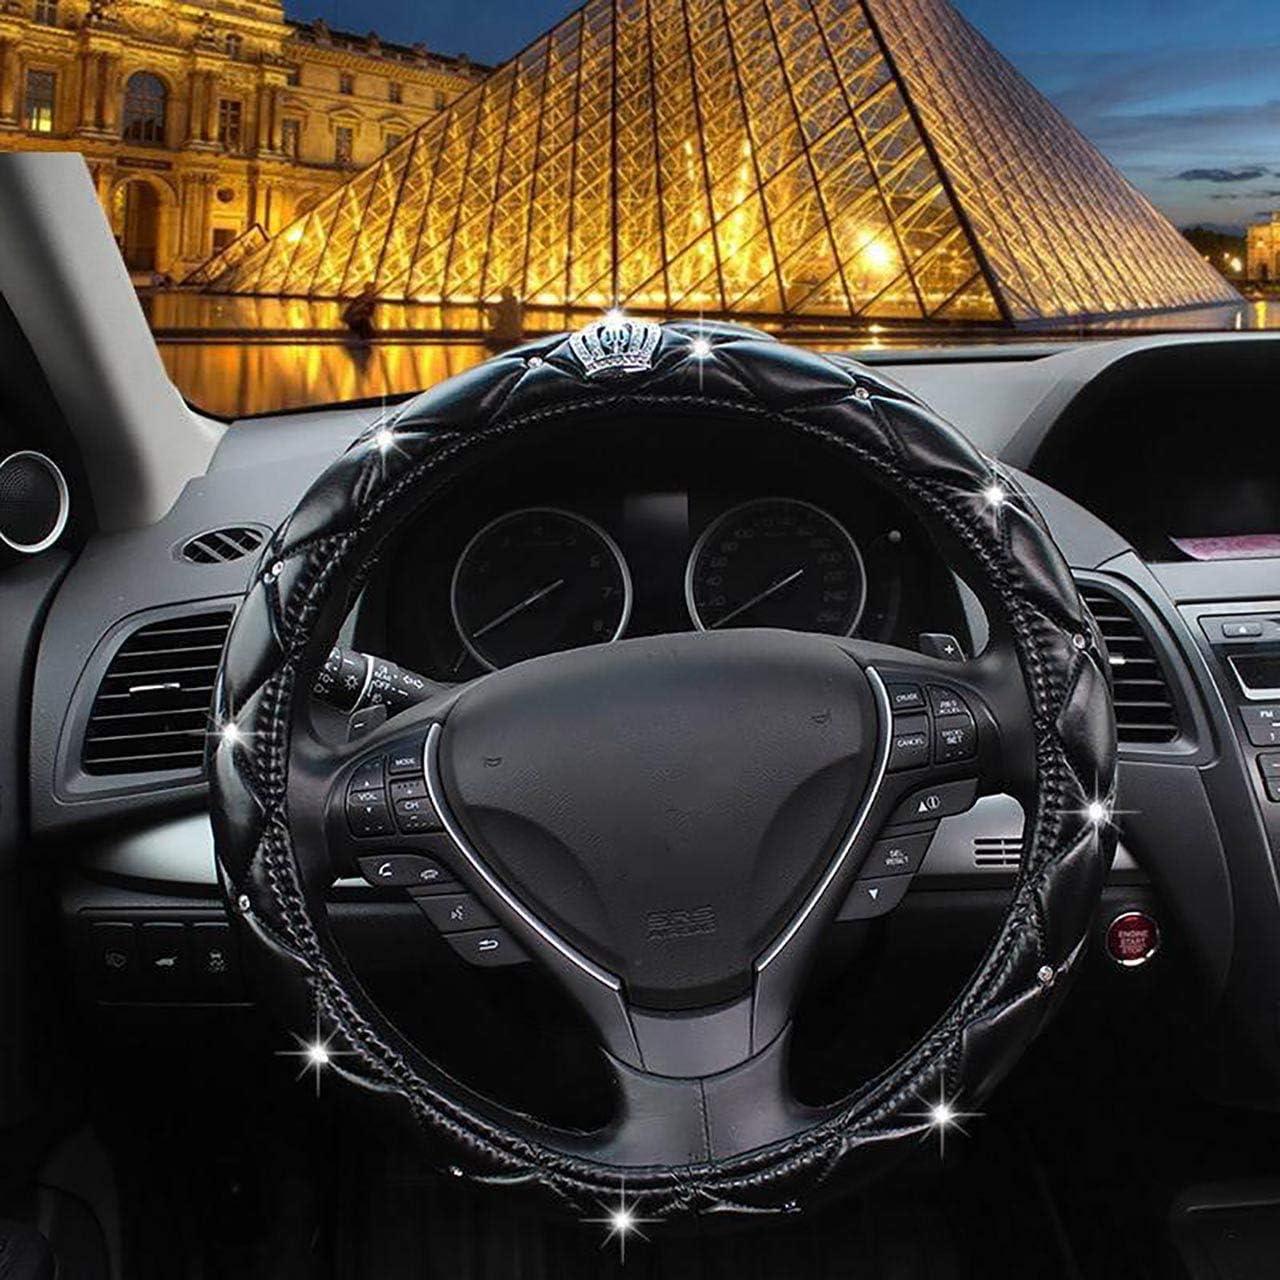 38CM 15 Crown black Universel Scintillant diamant couverture de volant de voiture Plein bling bling Strass Couverture de volant de voiture en cuir Accessoires int/érieurs auto styling auto